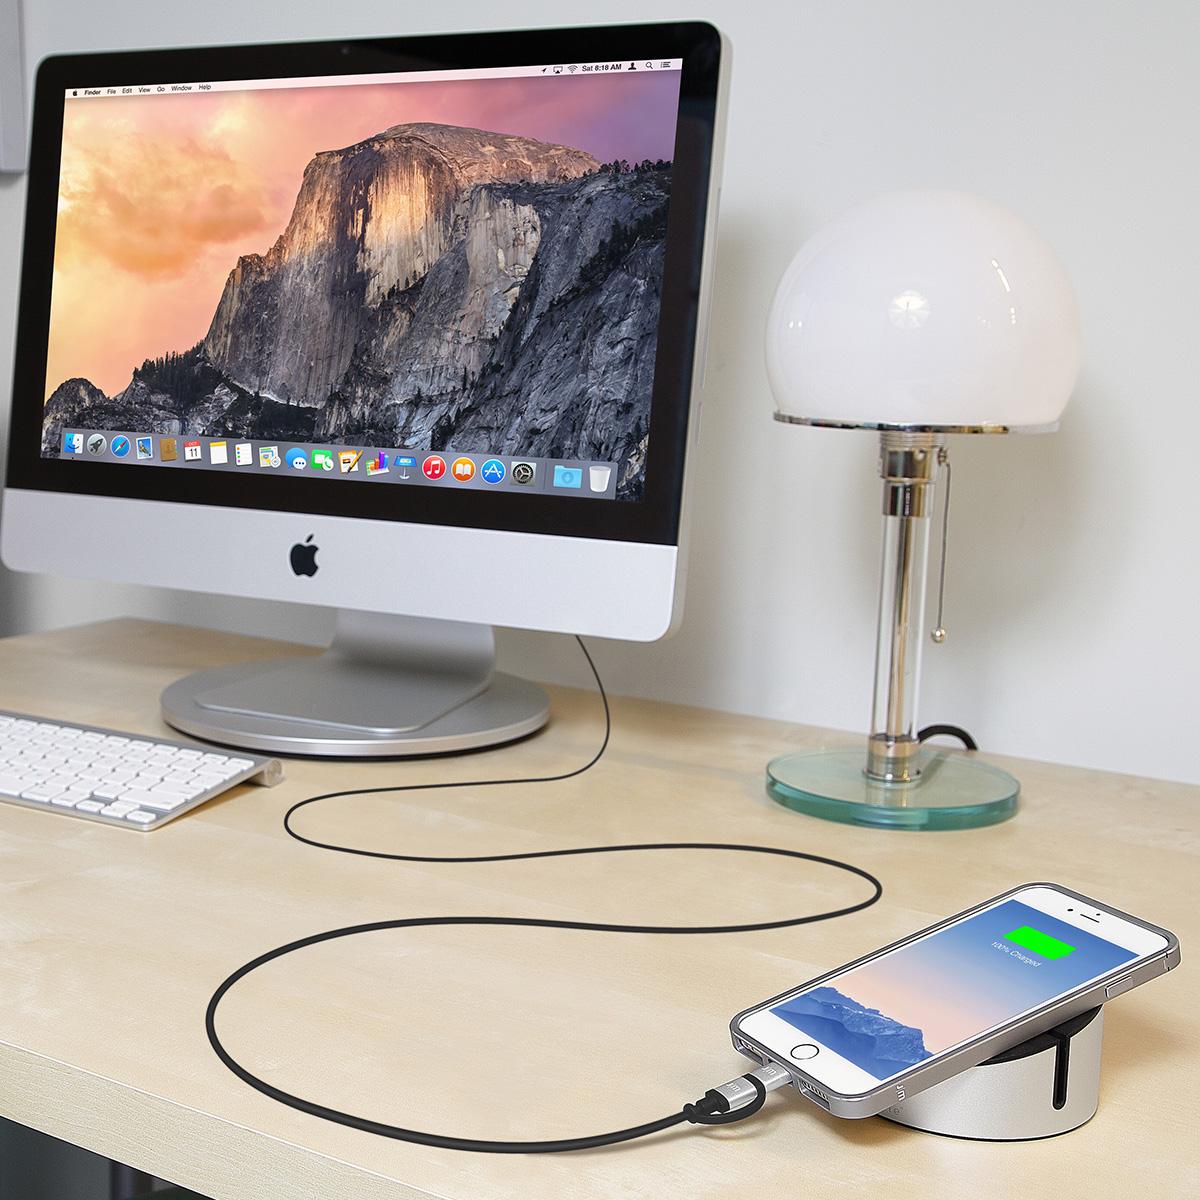 MFi認証 ライトニング&micro-USB 変換ケーブル Just Mobile AluCable Duo(ジャストモバイル アルケーブルデュオ)1.5M 2in1タイプ アルミ製 充電 データ転送対応